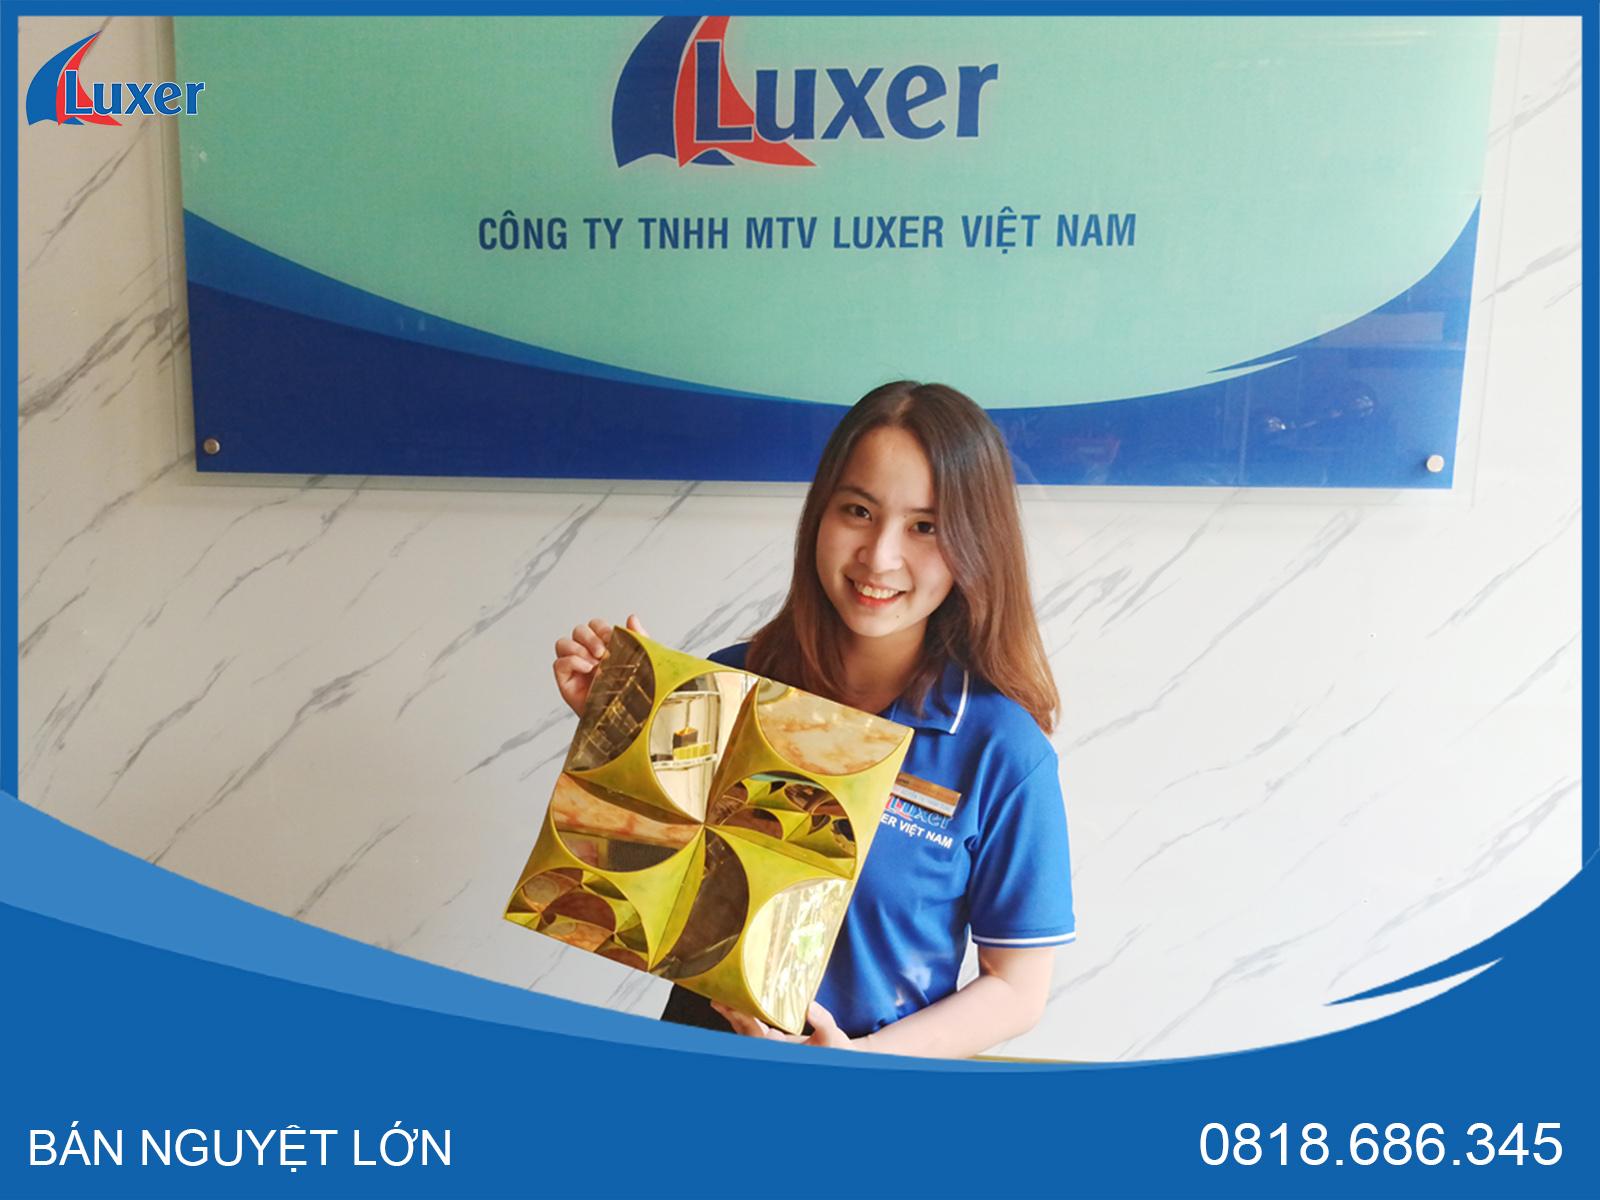 Bán Nguyệt Kết Hợp Inox Luxer